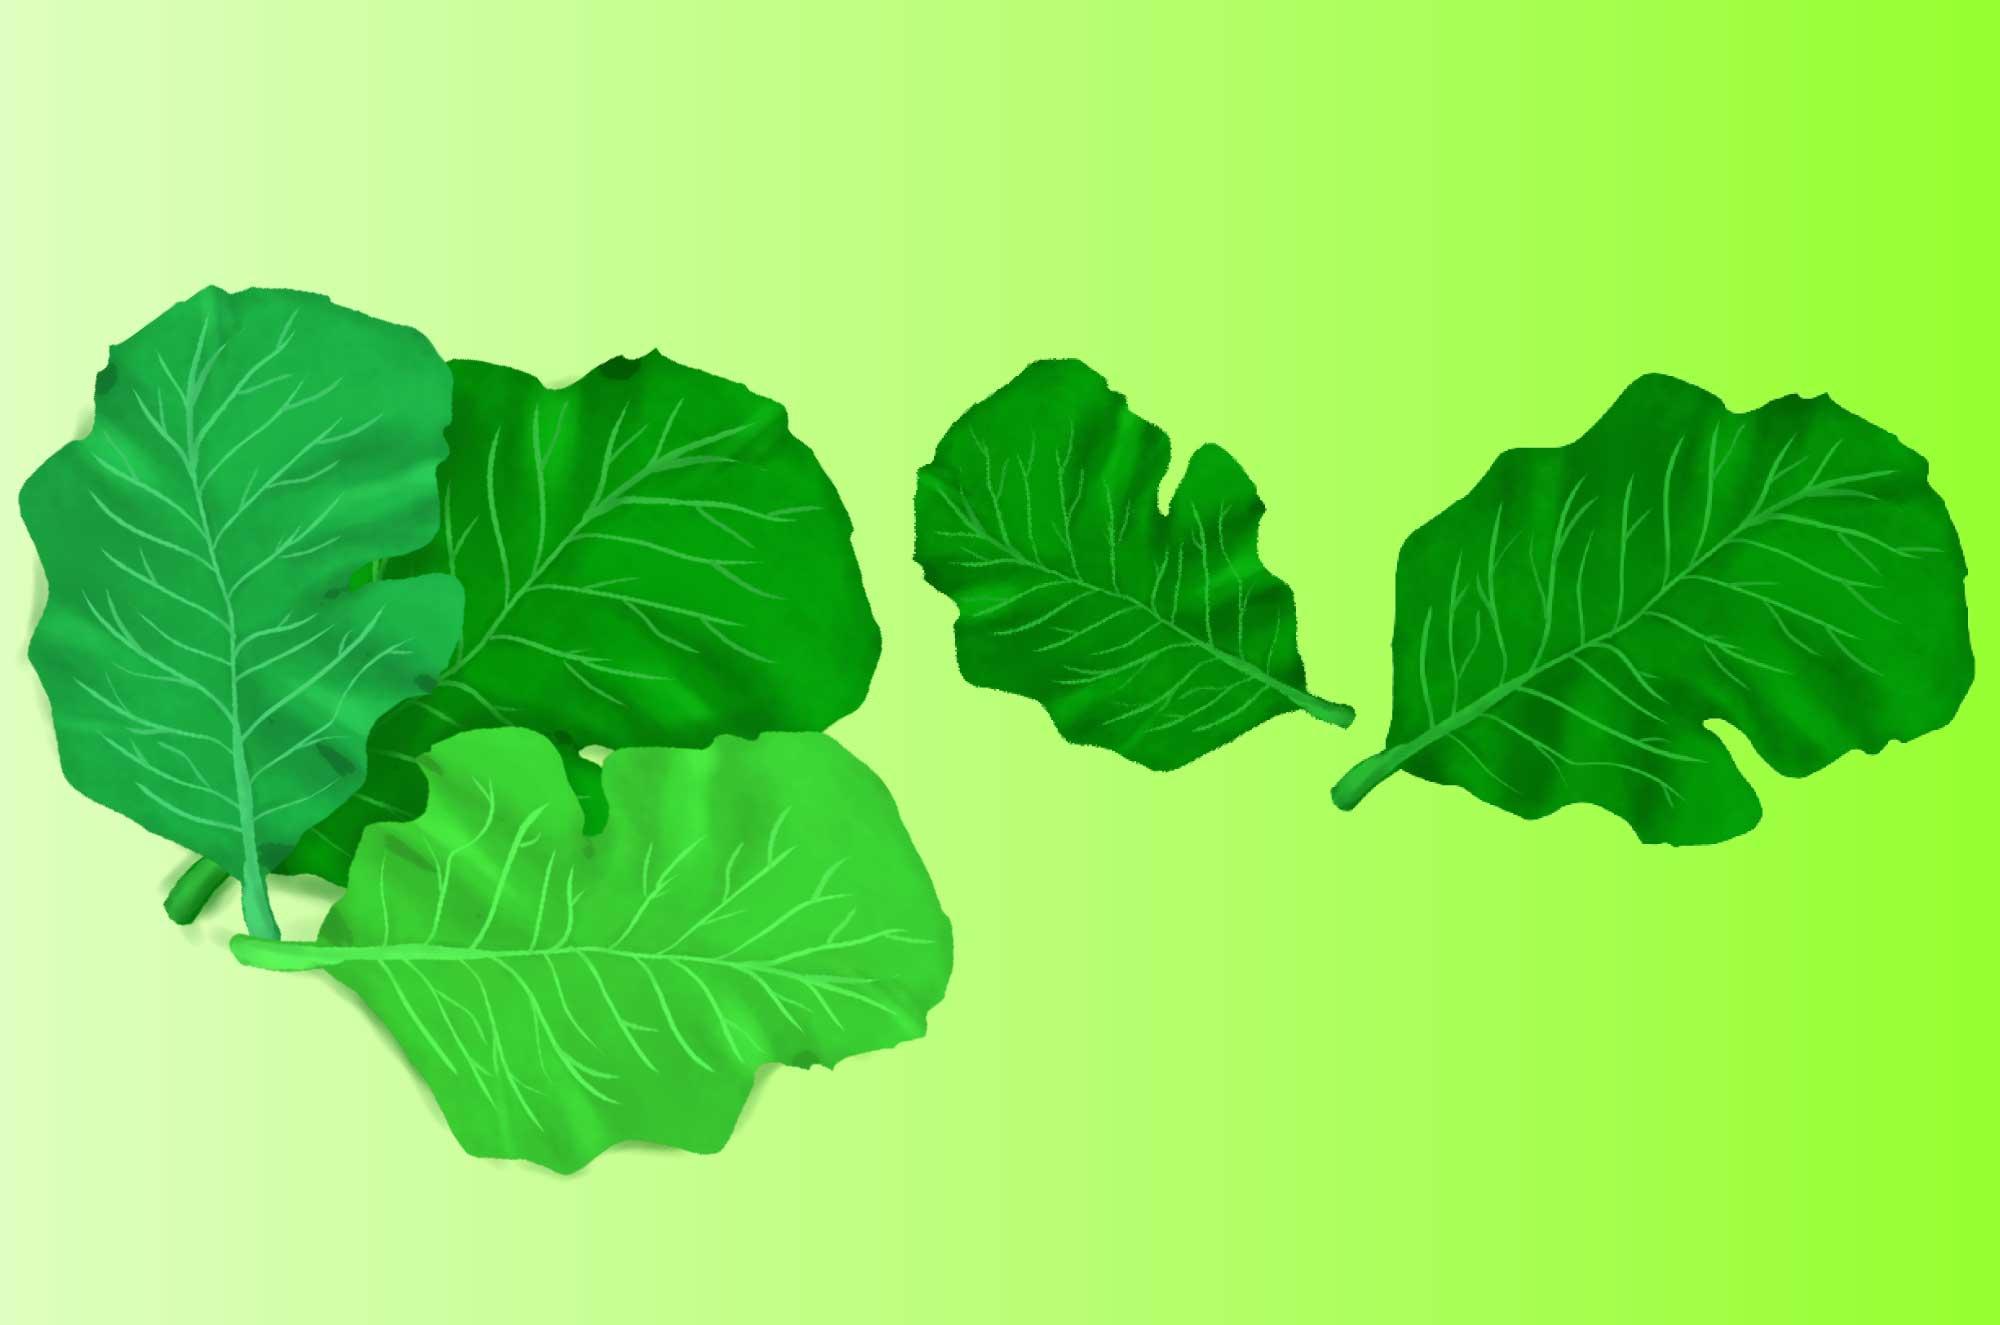 ケールのイラスト - 緑の大きい葉っぱの野菜無料素材